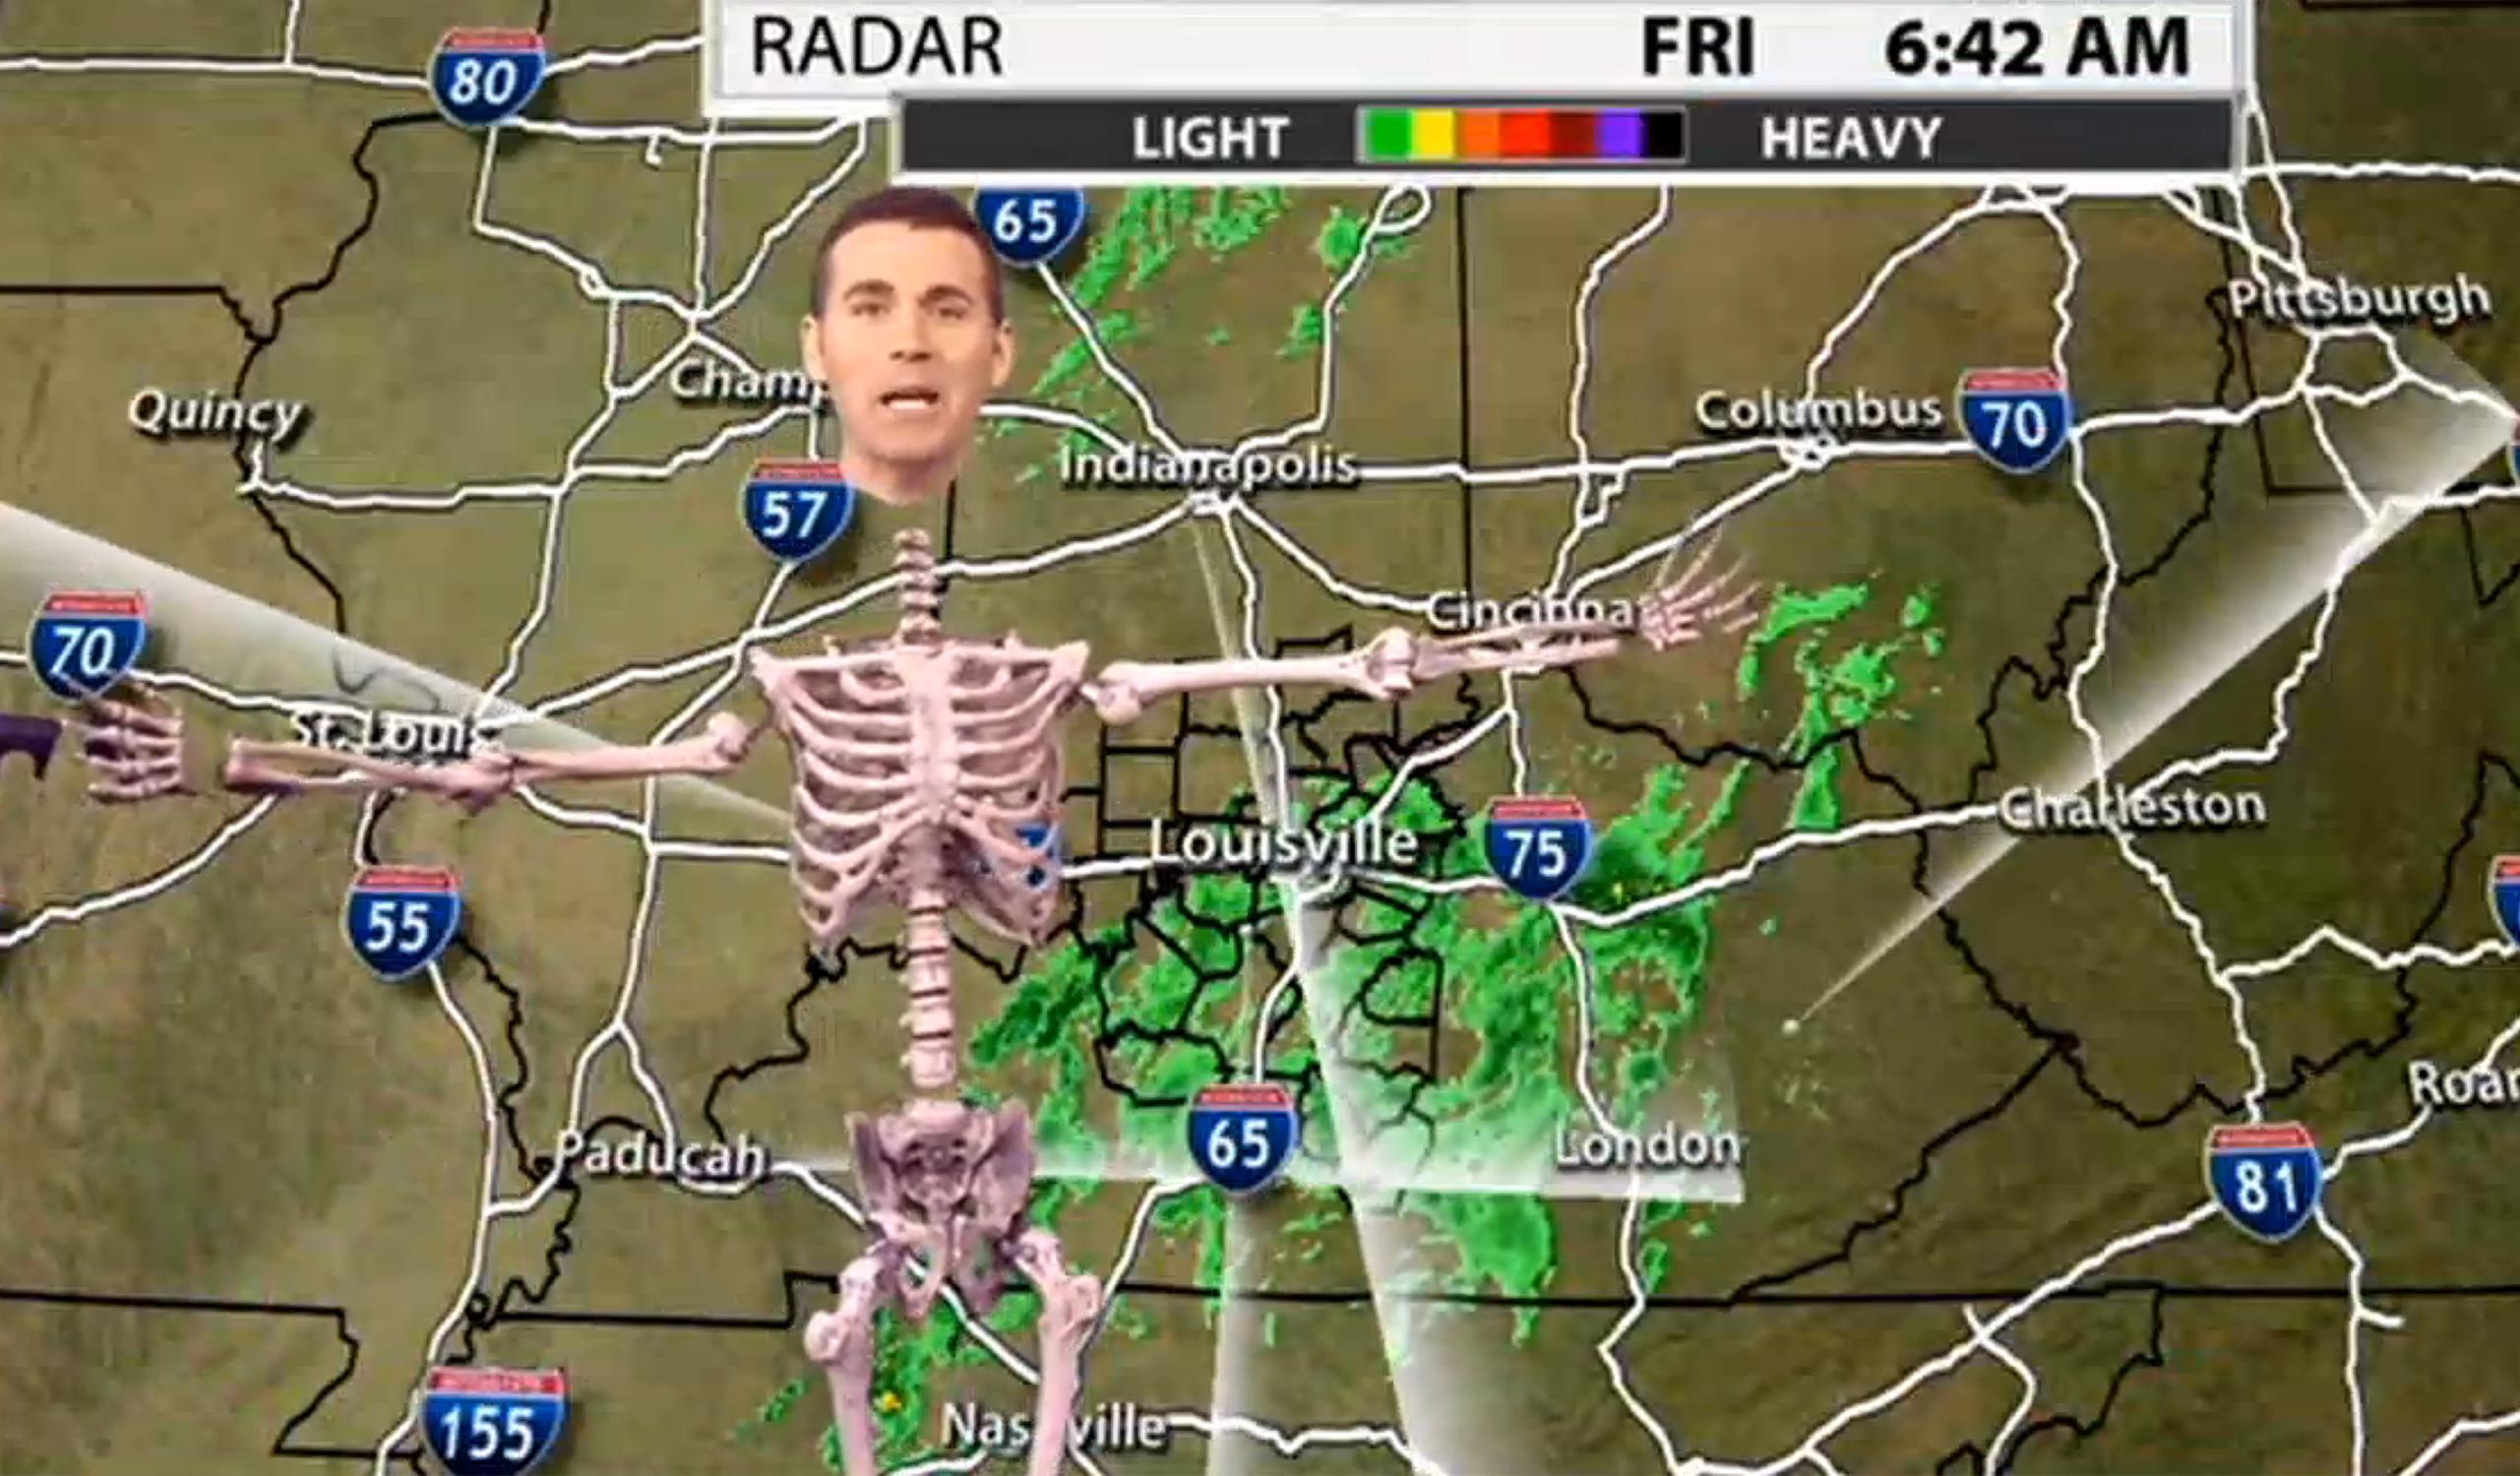 Louisville weatherman ...